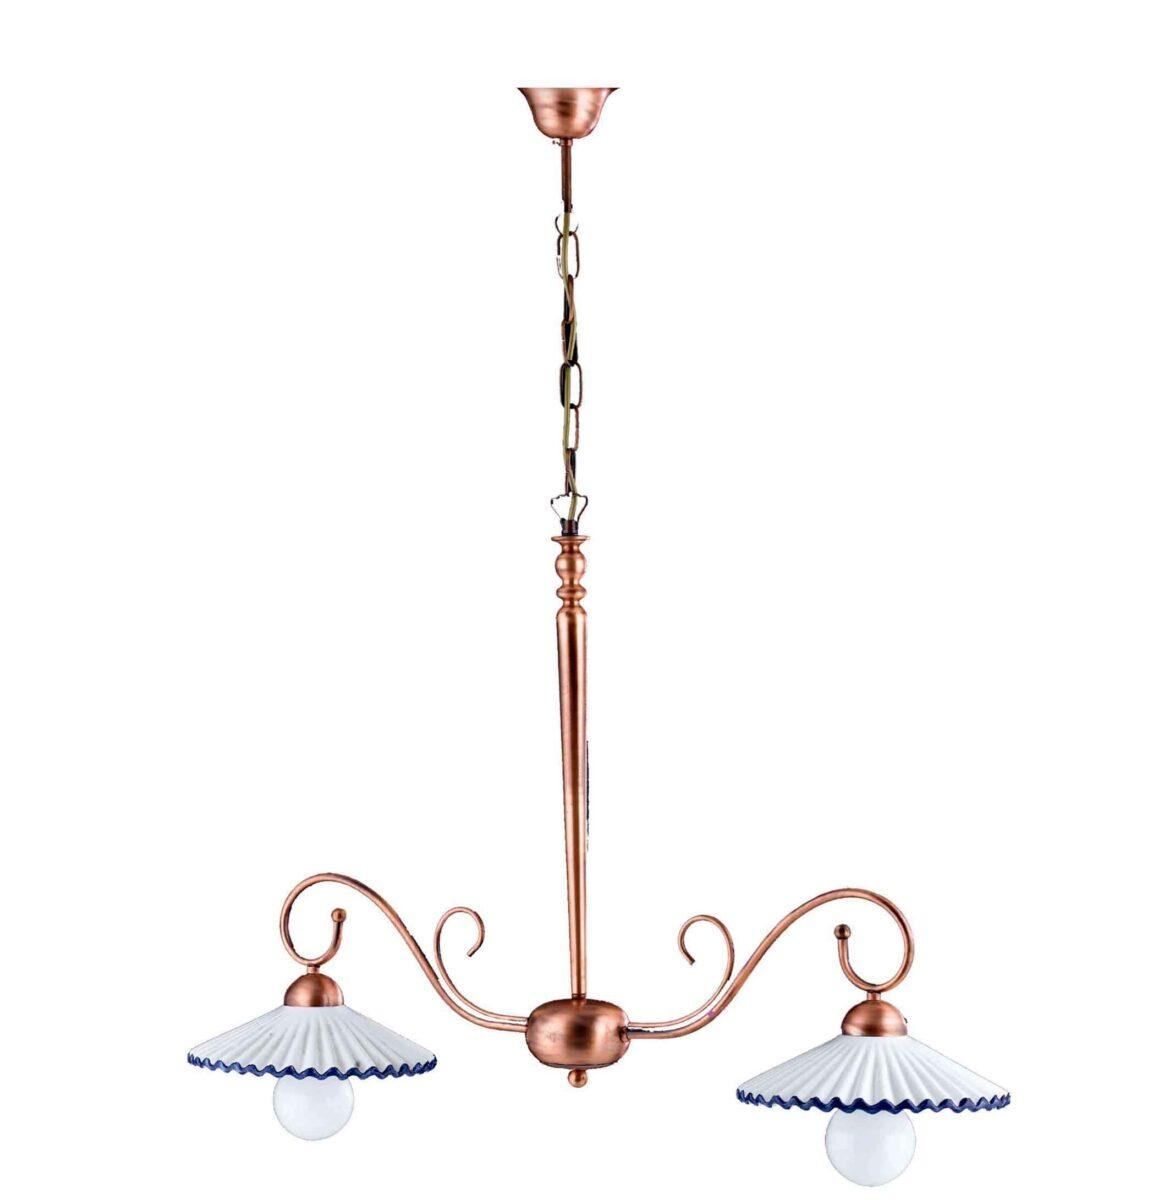 ... lampadari ceramica decorata vendita casoria napoli lampadari ceramica